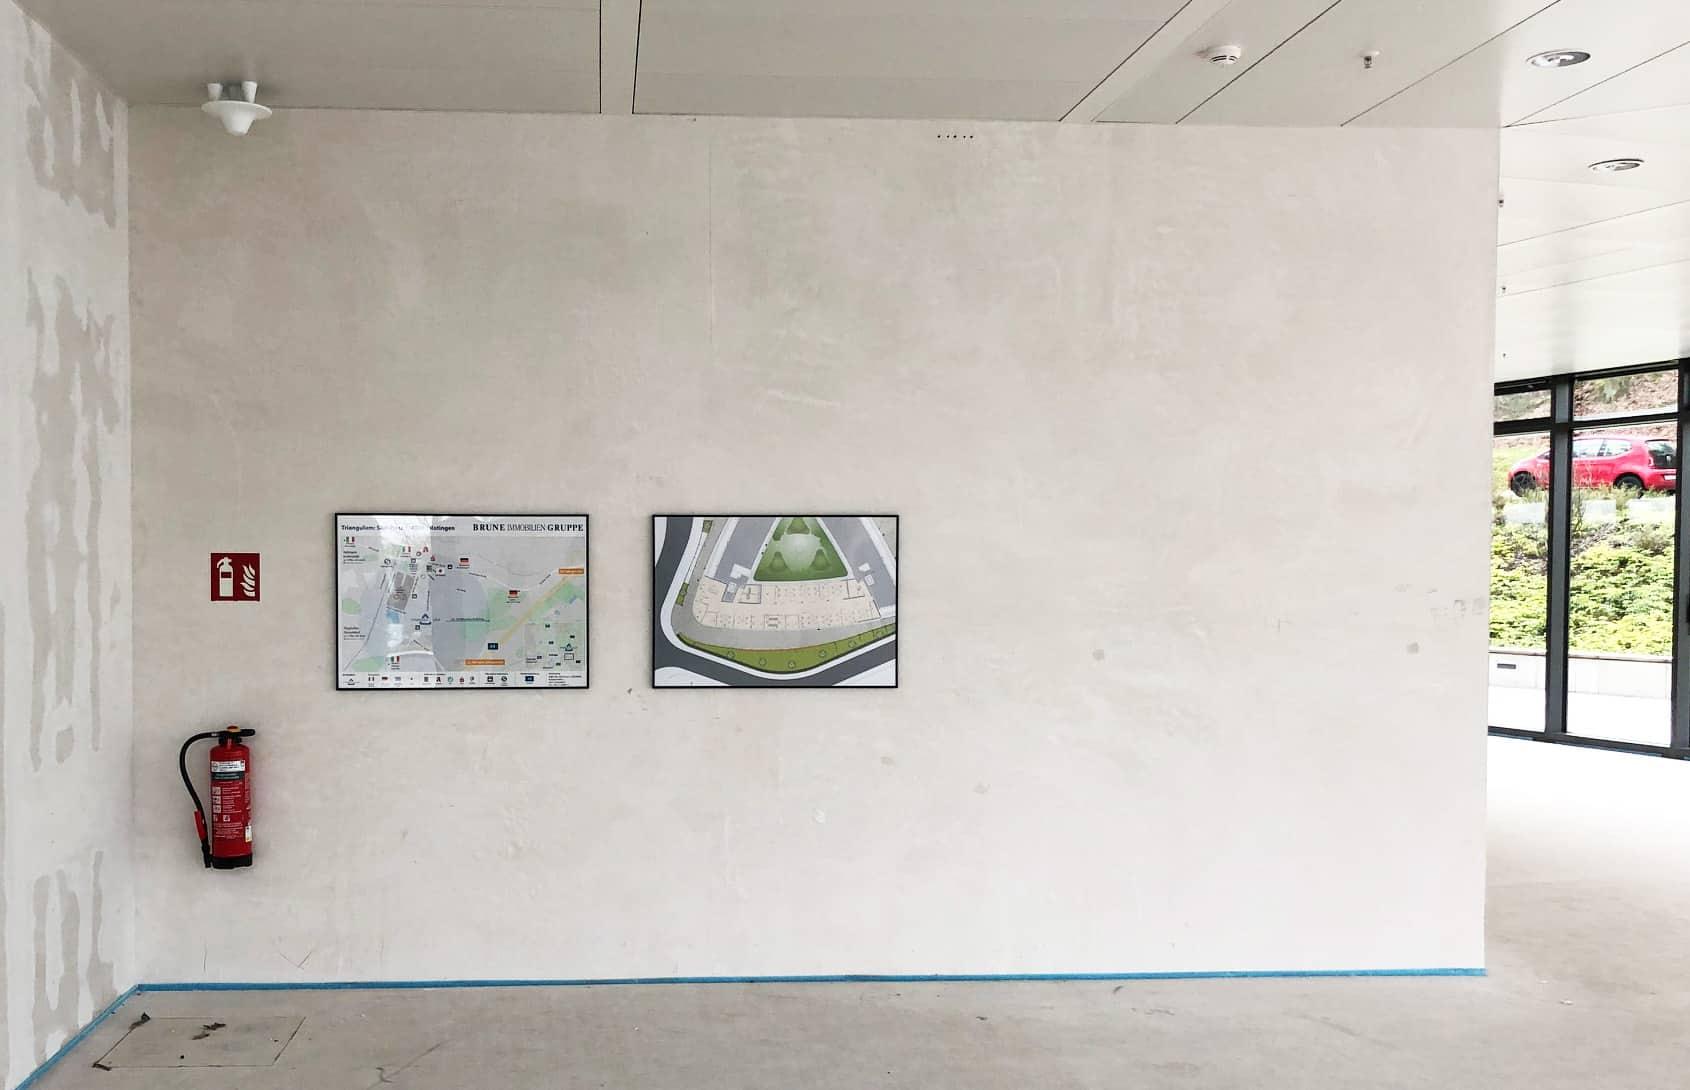 Umgebungskarte Triangulum in Bürogebäude